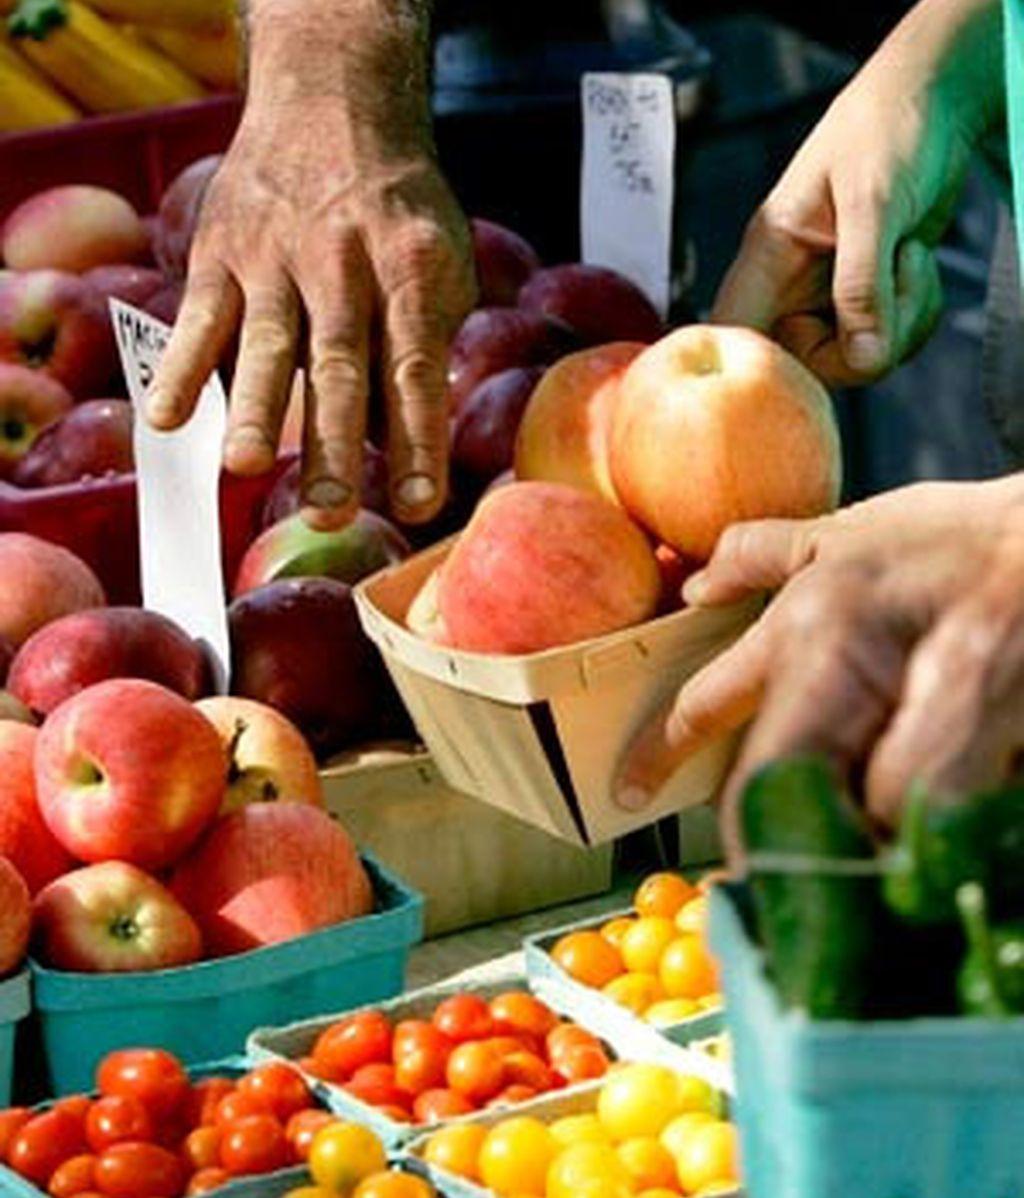 Un alimento transgénico es aquel que ha recibido un material genético de otro organismo. Foto: AP.